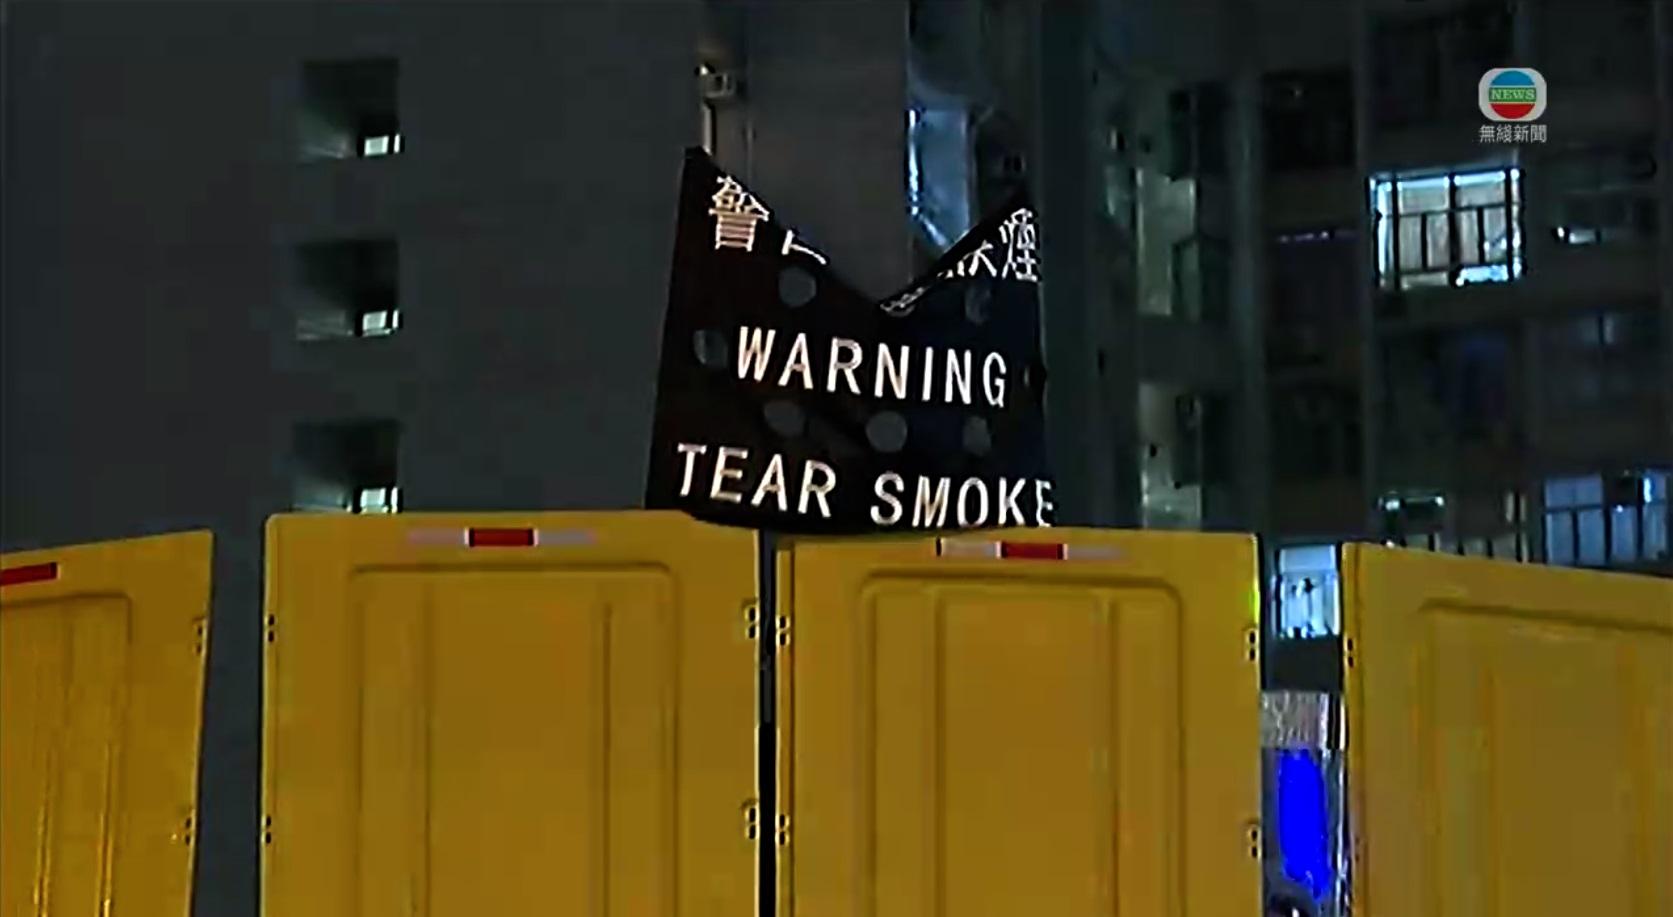 防暴警察展示黑旗警告。無線新聞截圖